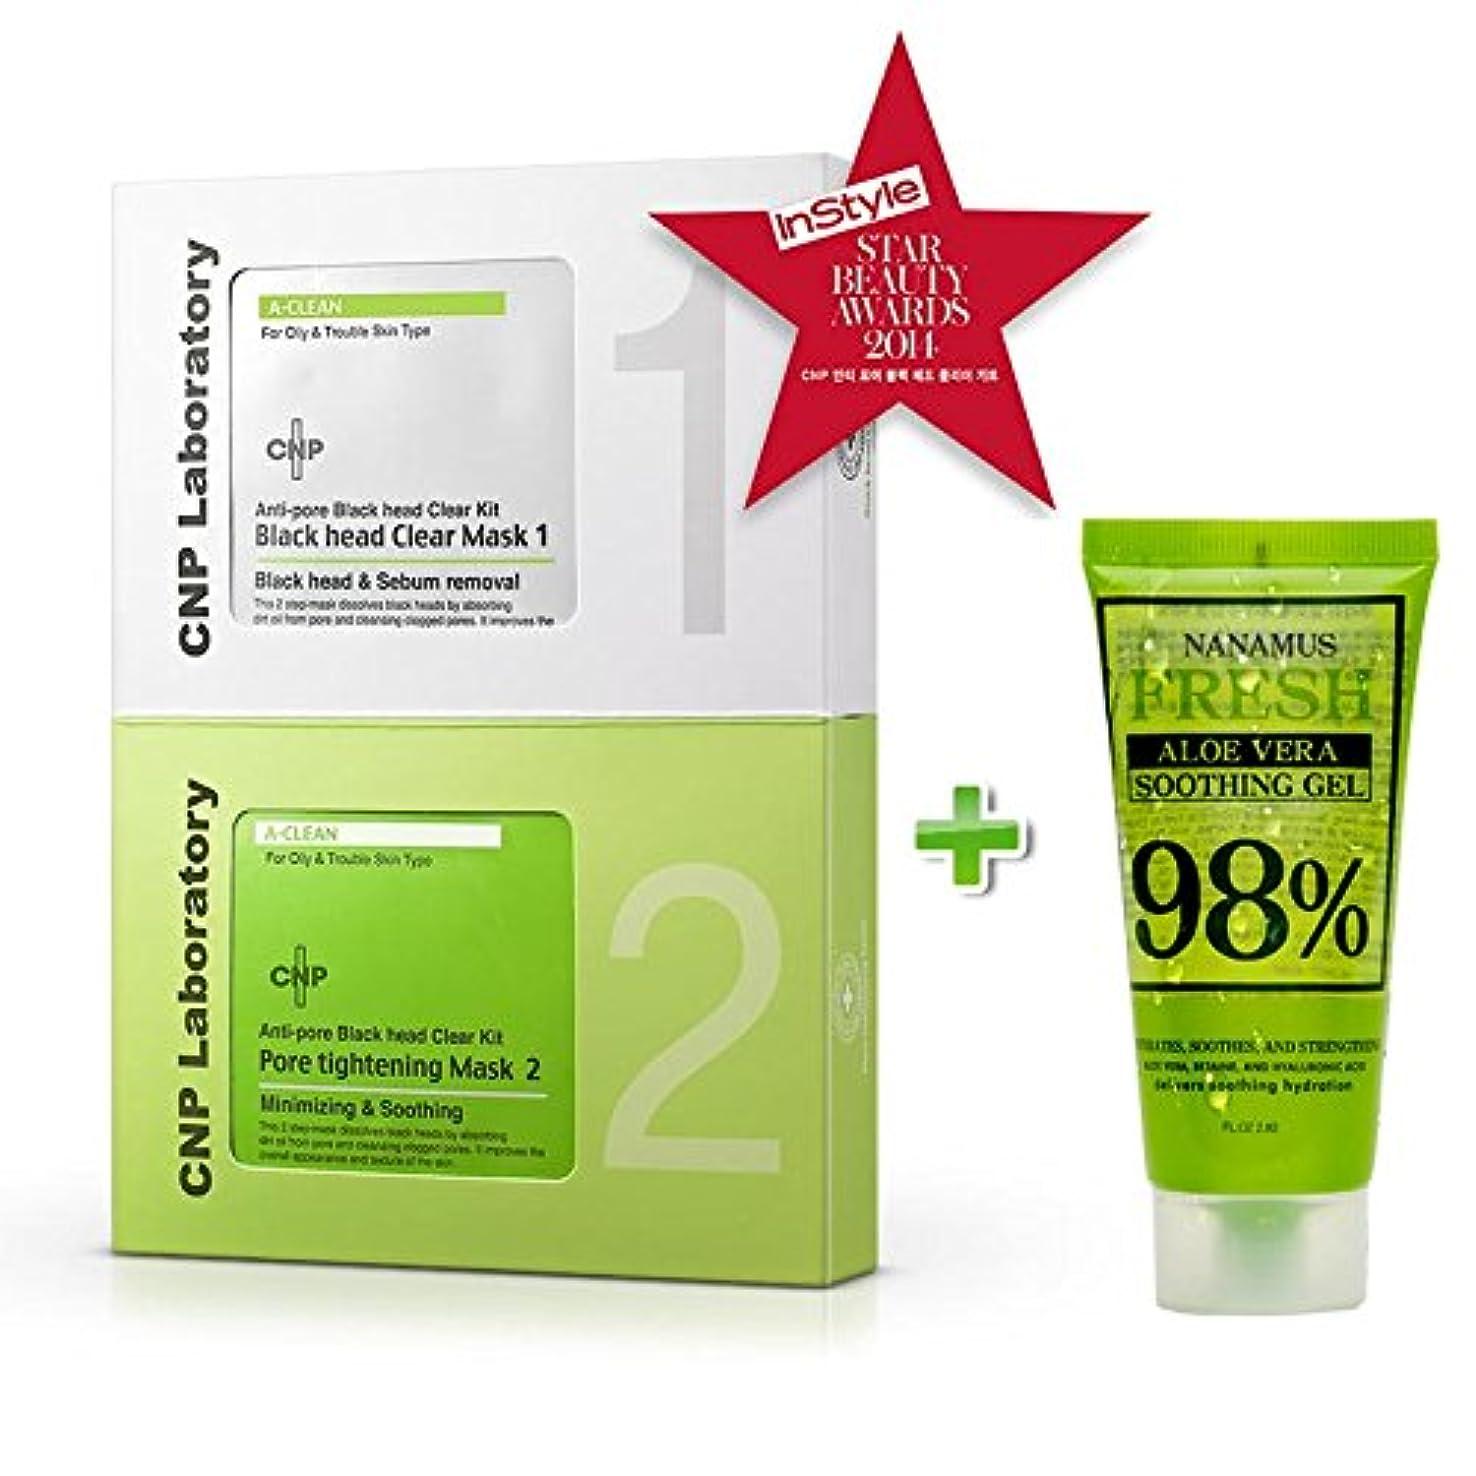 差額泊/CNP Anti-pore Black head Clear Kit/ アンチポアブラックヘッドクリアキット (10枚)+ Gift アロエ98% ナナムース スディンジェル(海外直送品)